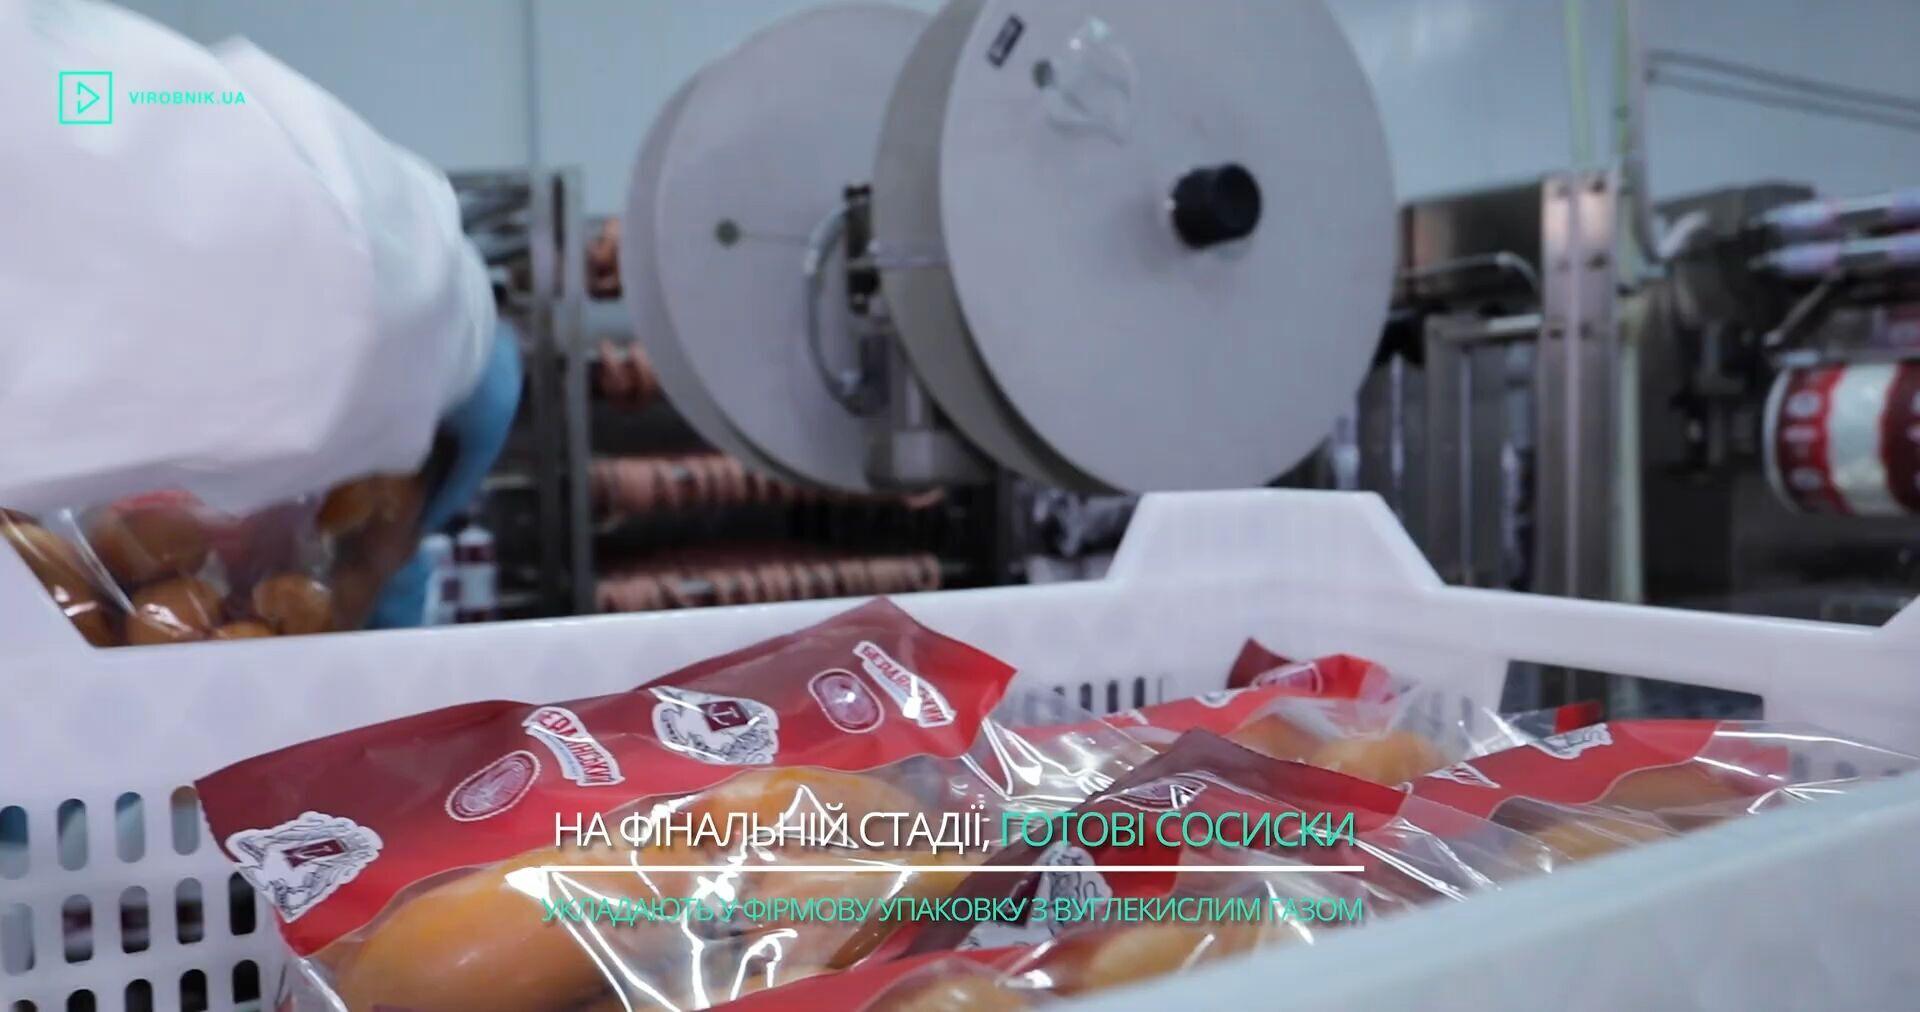 Один из украинских производителей сосисок и колбас полностью показал свое производство